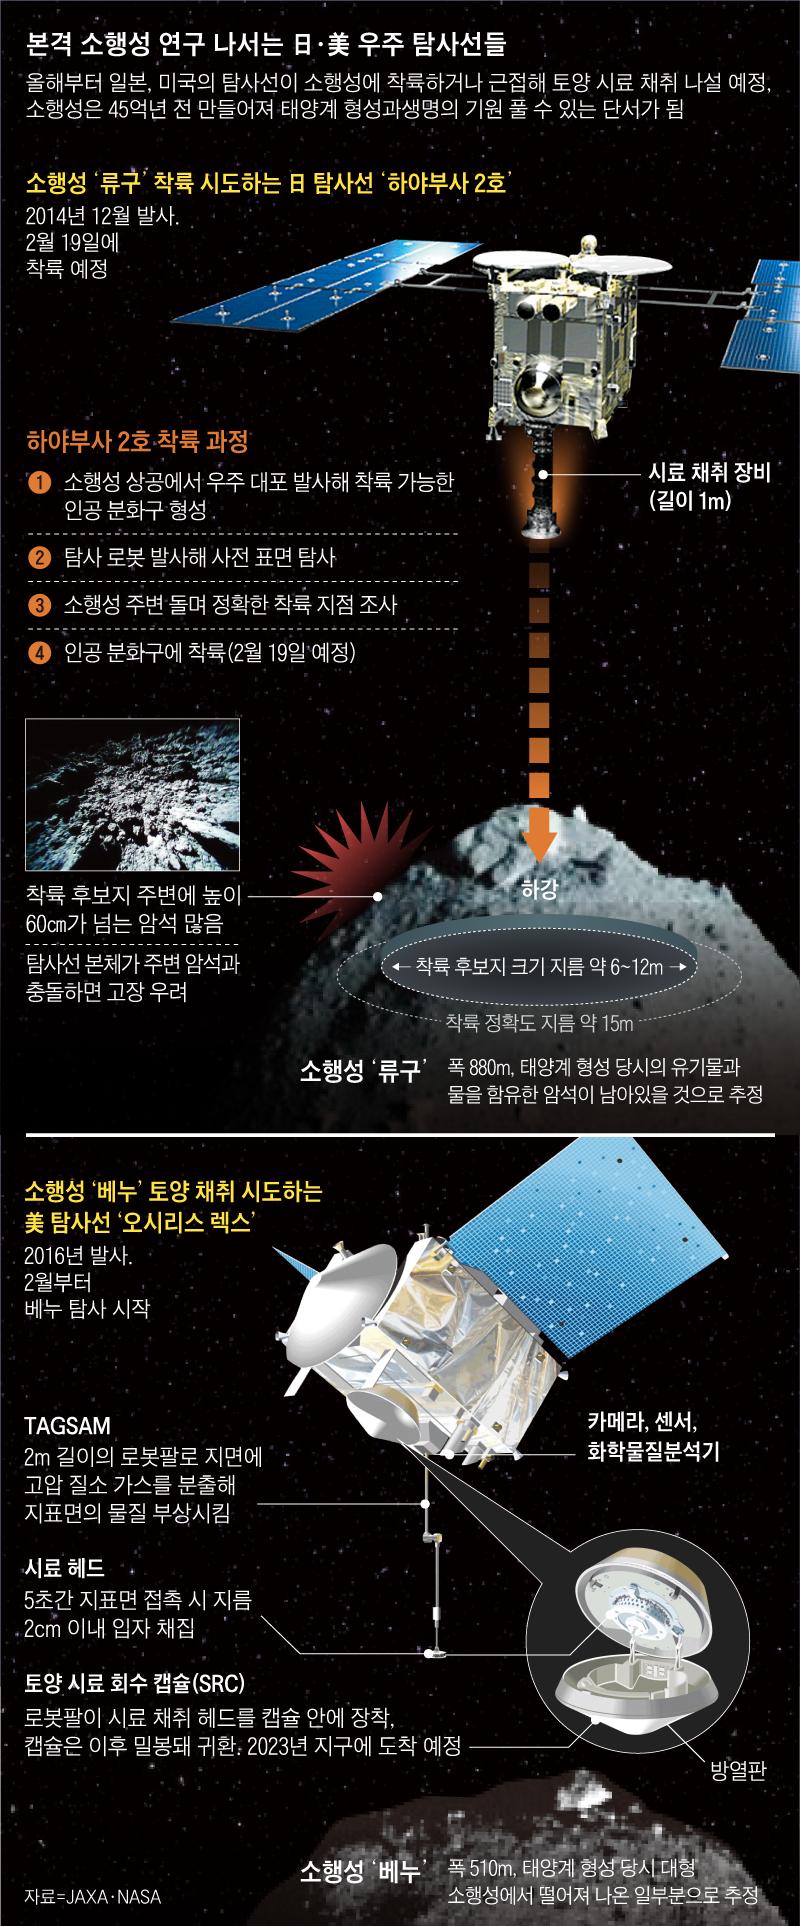 본격 소행성 연구 나서는 日·美 우주 탐사선들